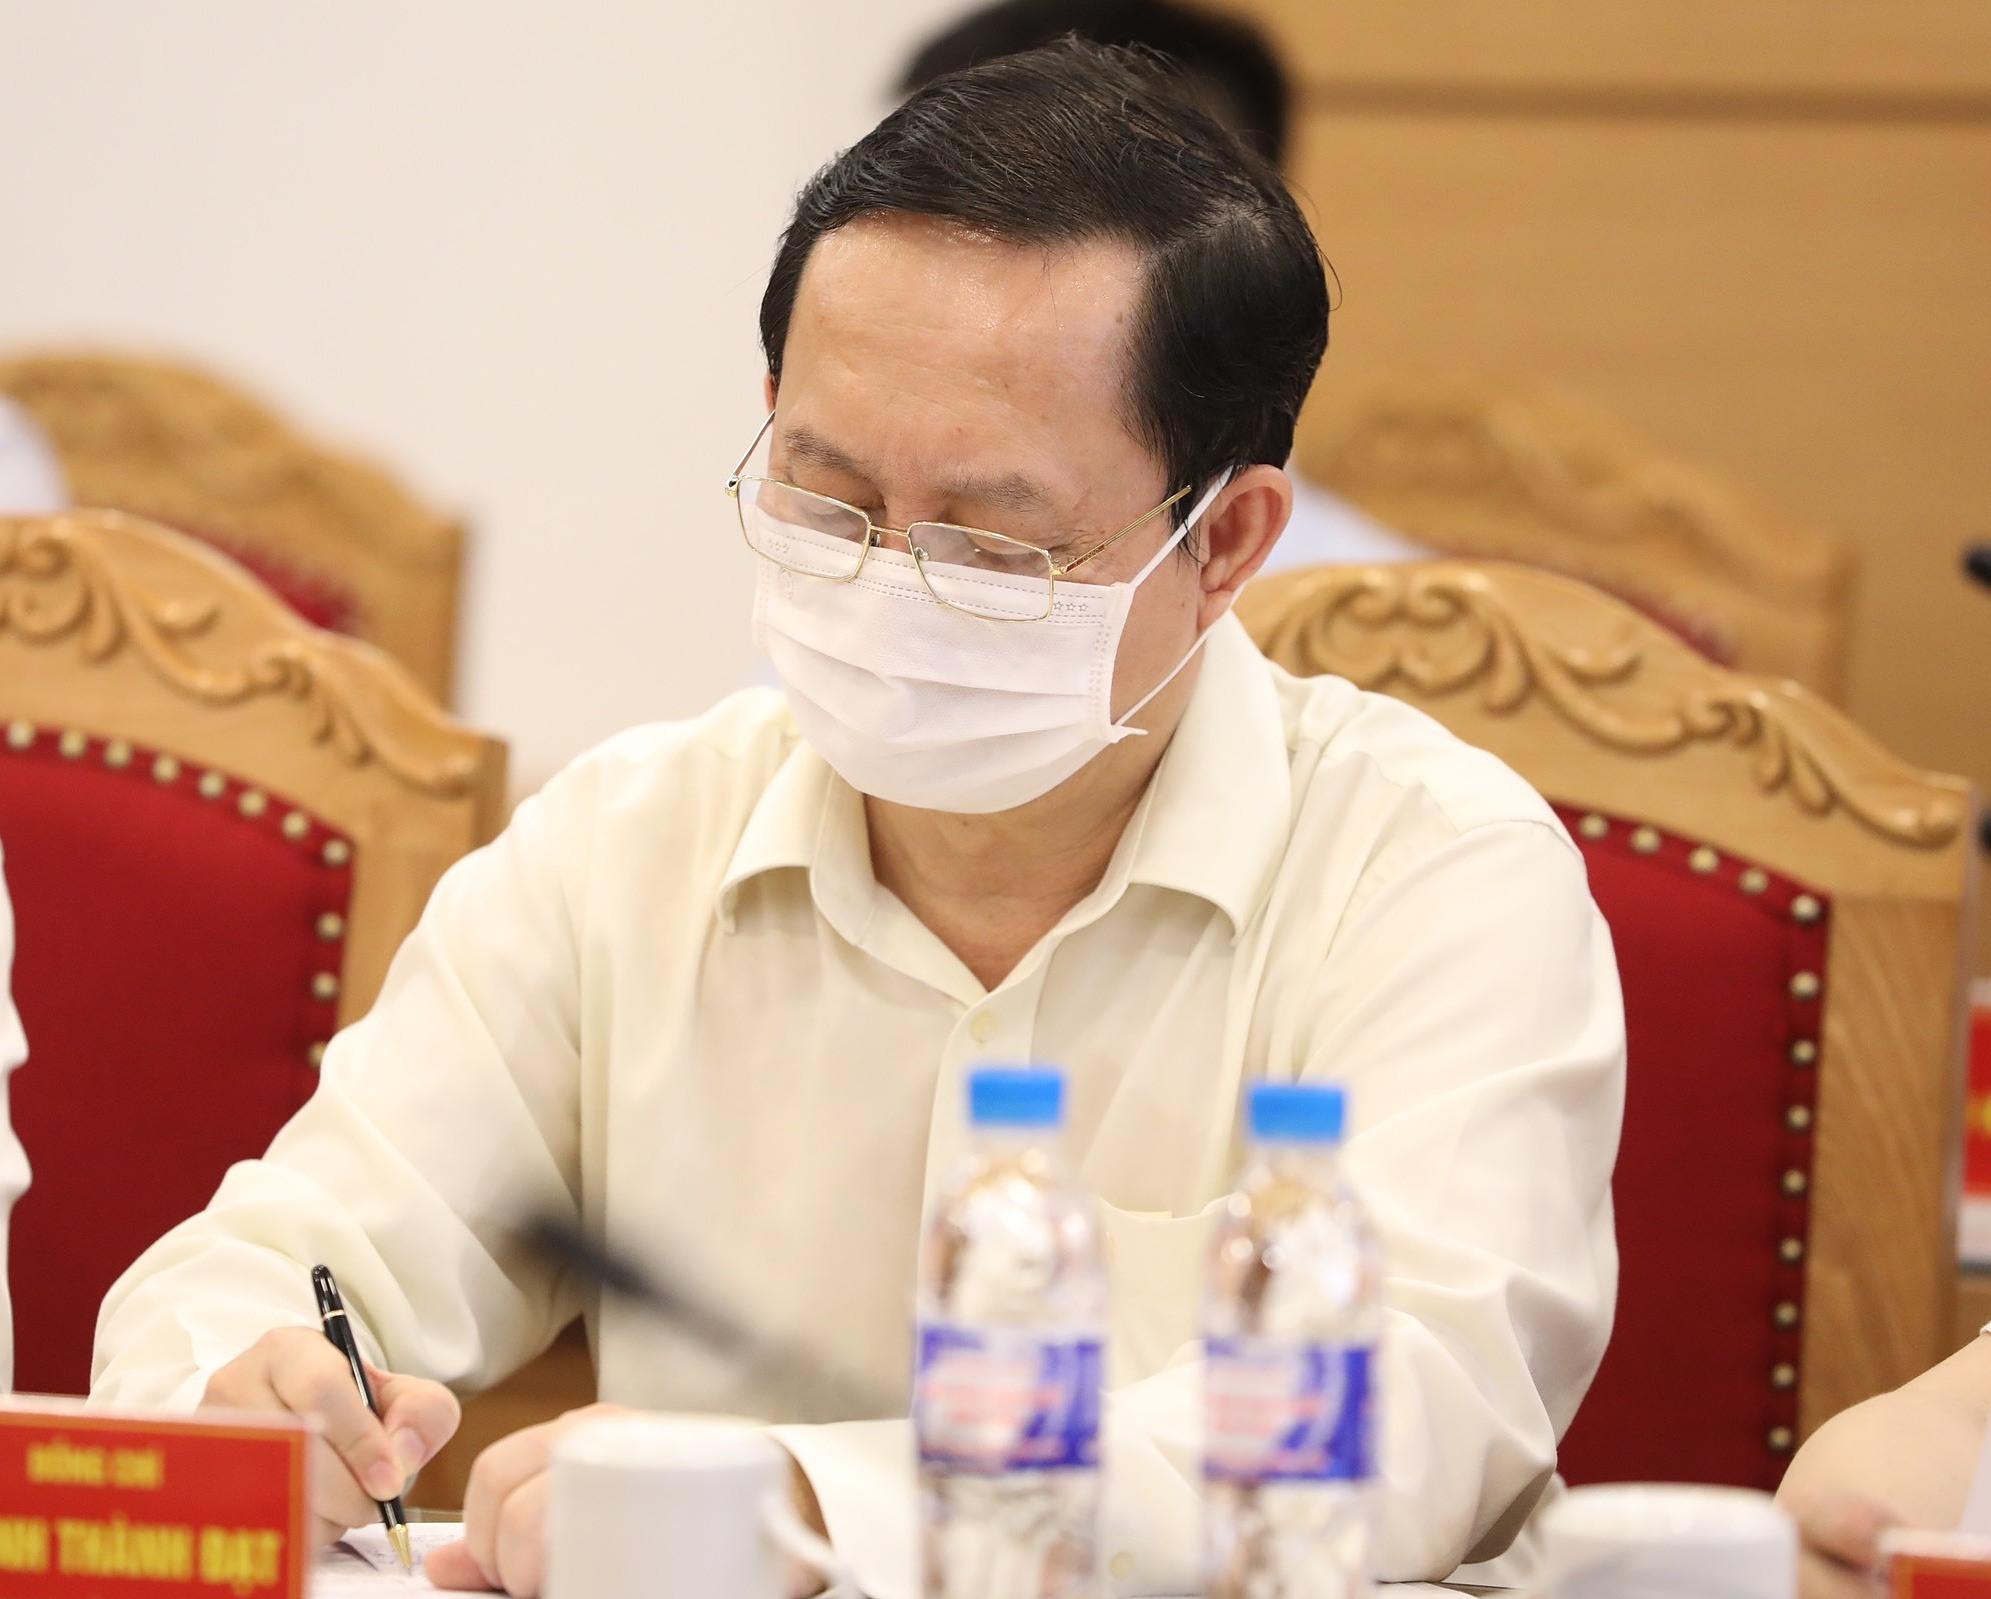 Bộ trưởng Huỳnh Thành Đạt tại buổi làm việc. Ảnh: Ngọc Thành.